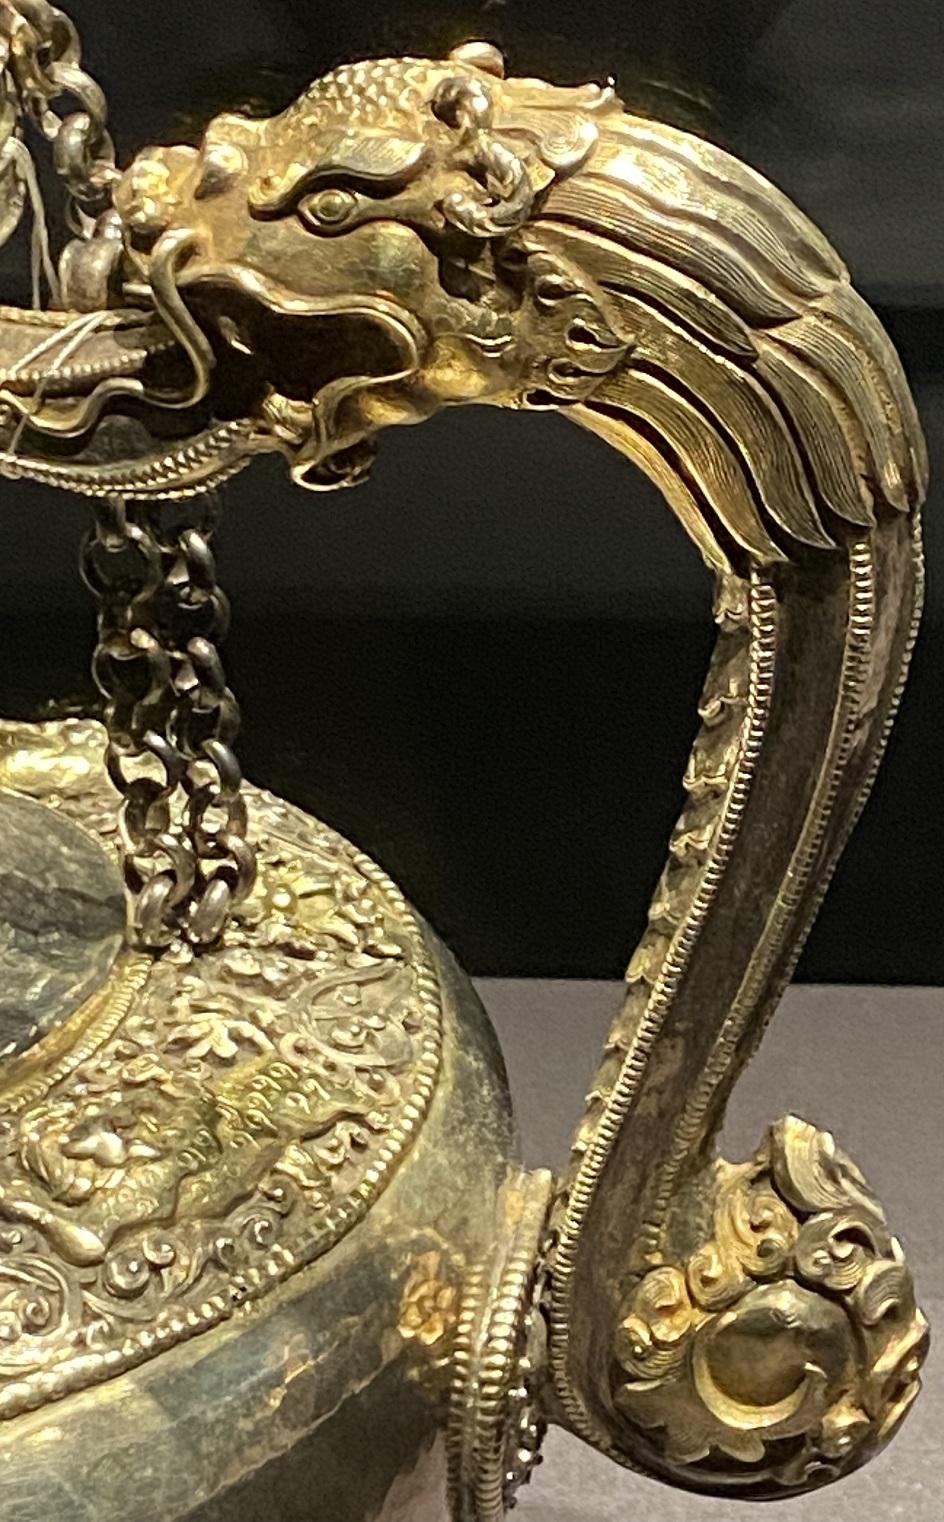 銀鎏金鏨花浄水壺-特別展【七宝玲瓏-ヒマラヤからの芸術珍品】-金沙遺跡博物館-成都